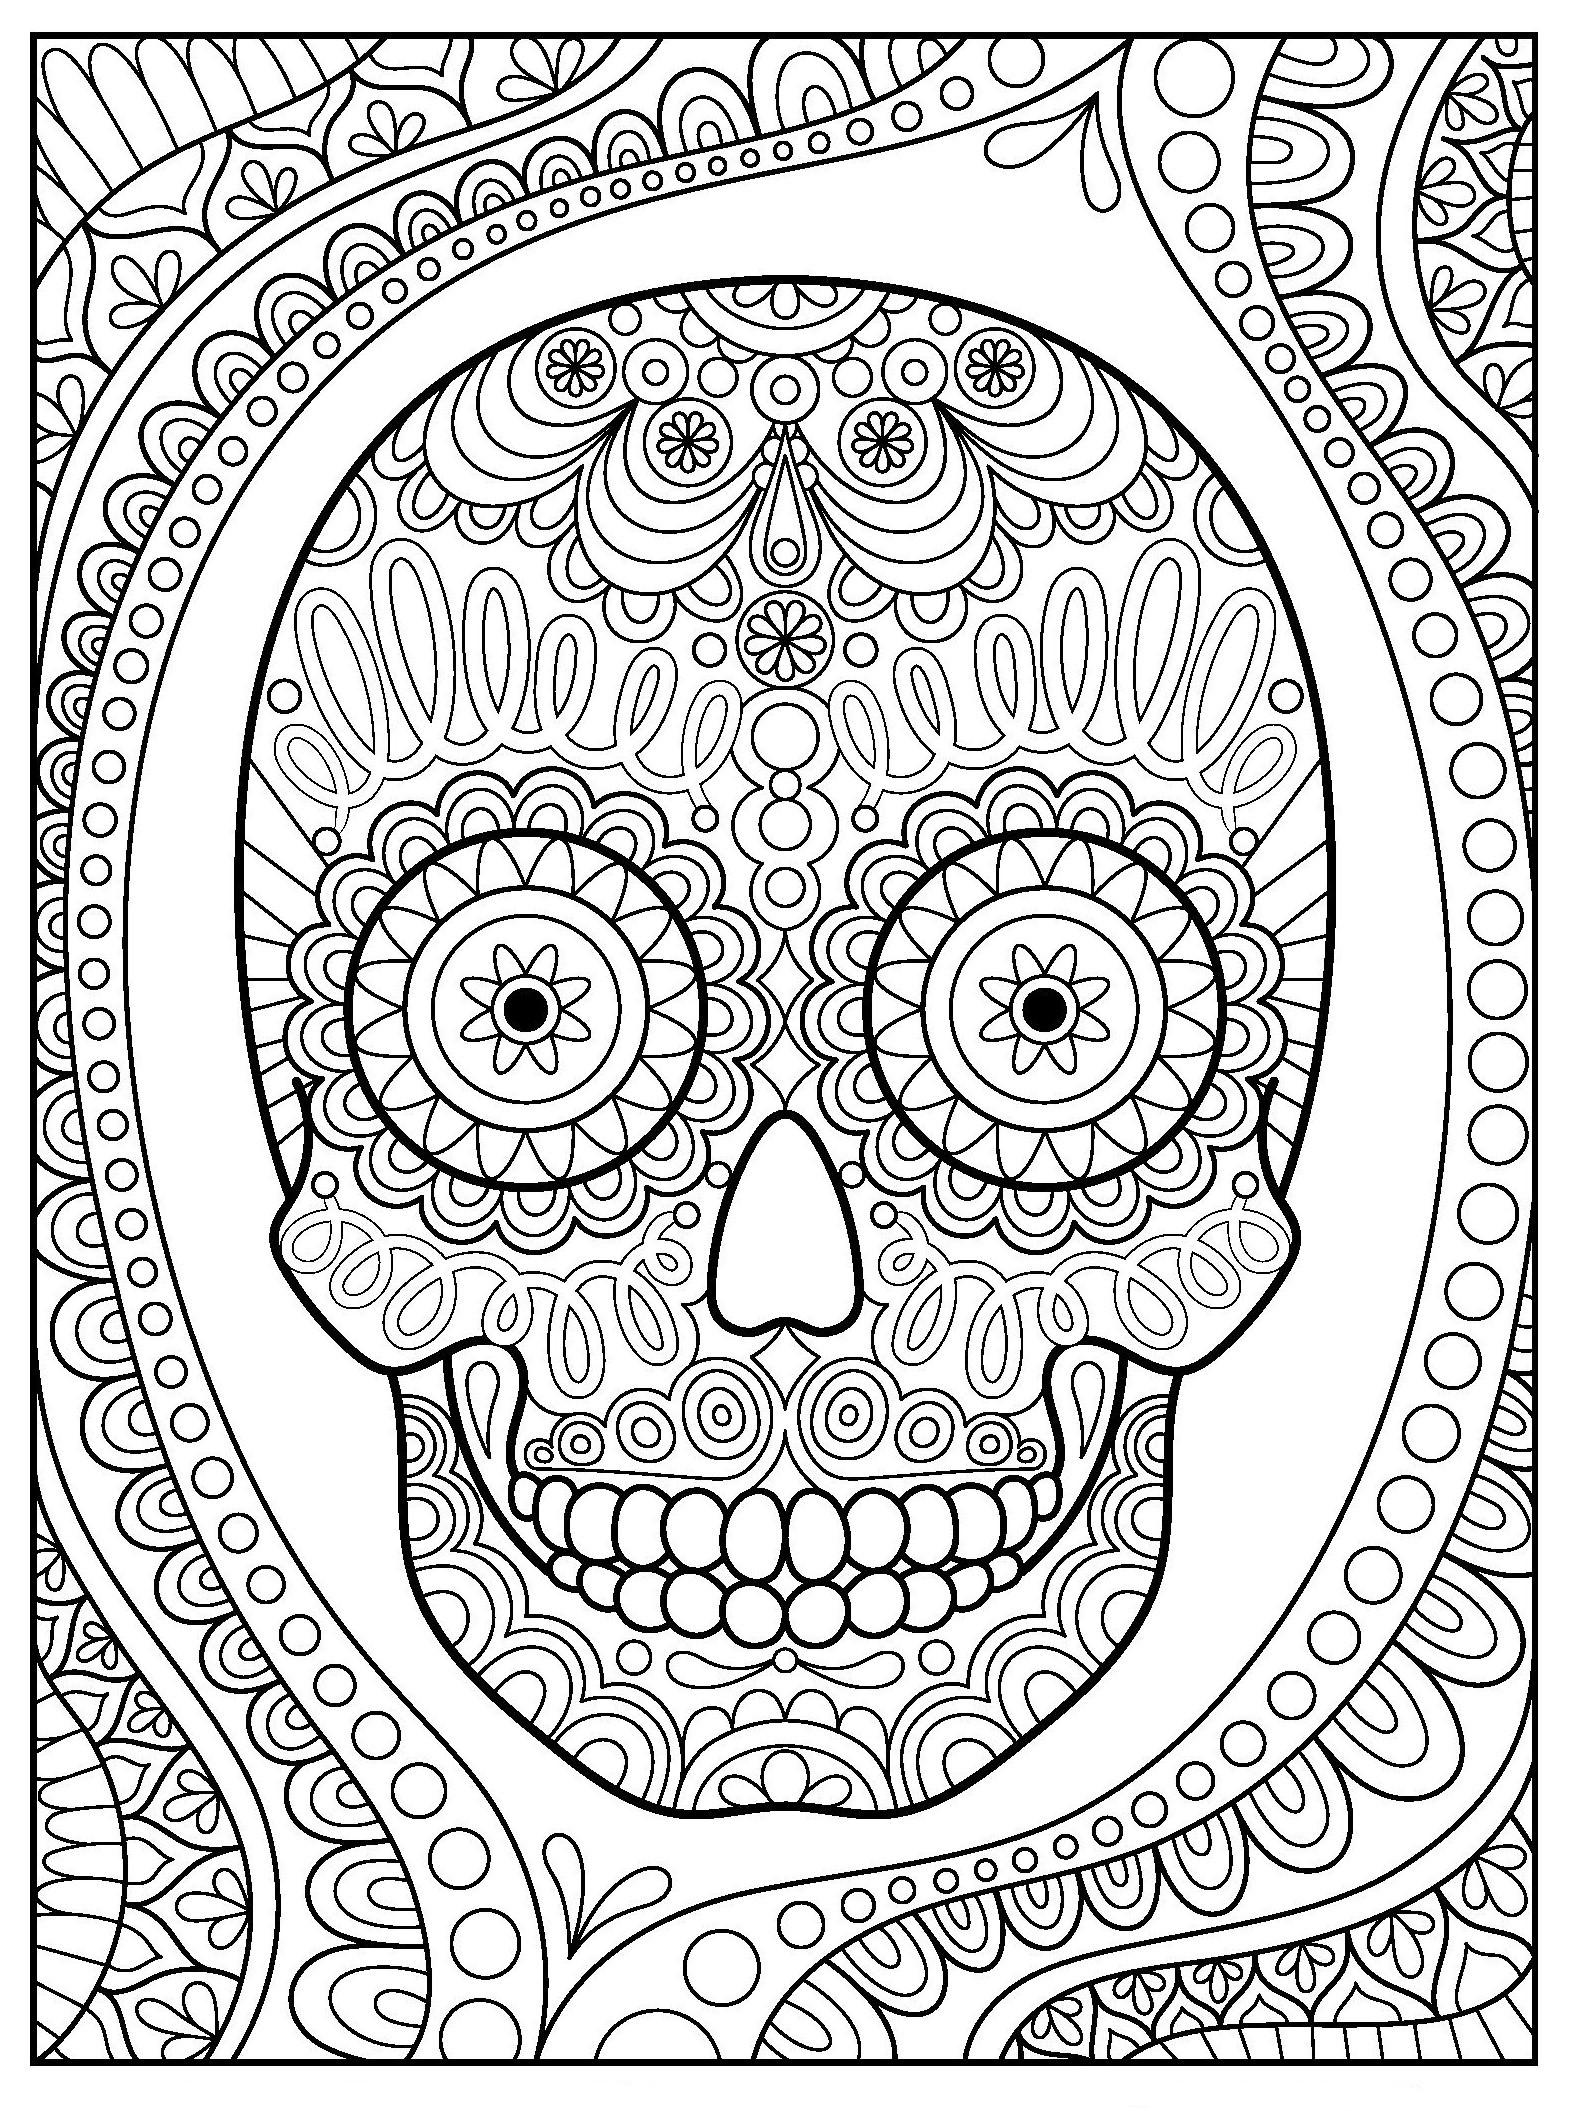 Крутой череп с орнаментом - Хэллоуин - Раскраски антистресс